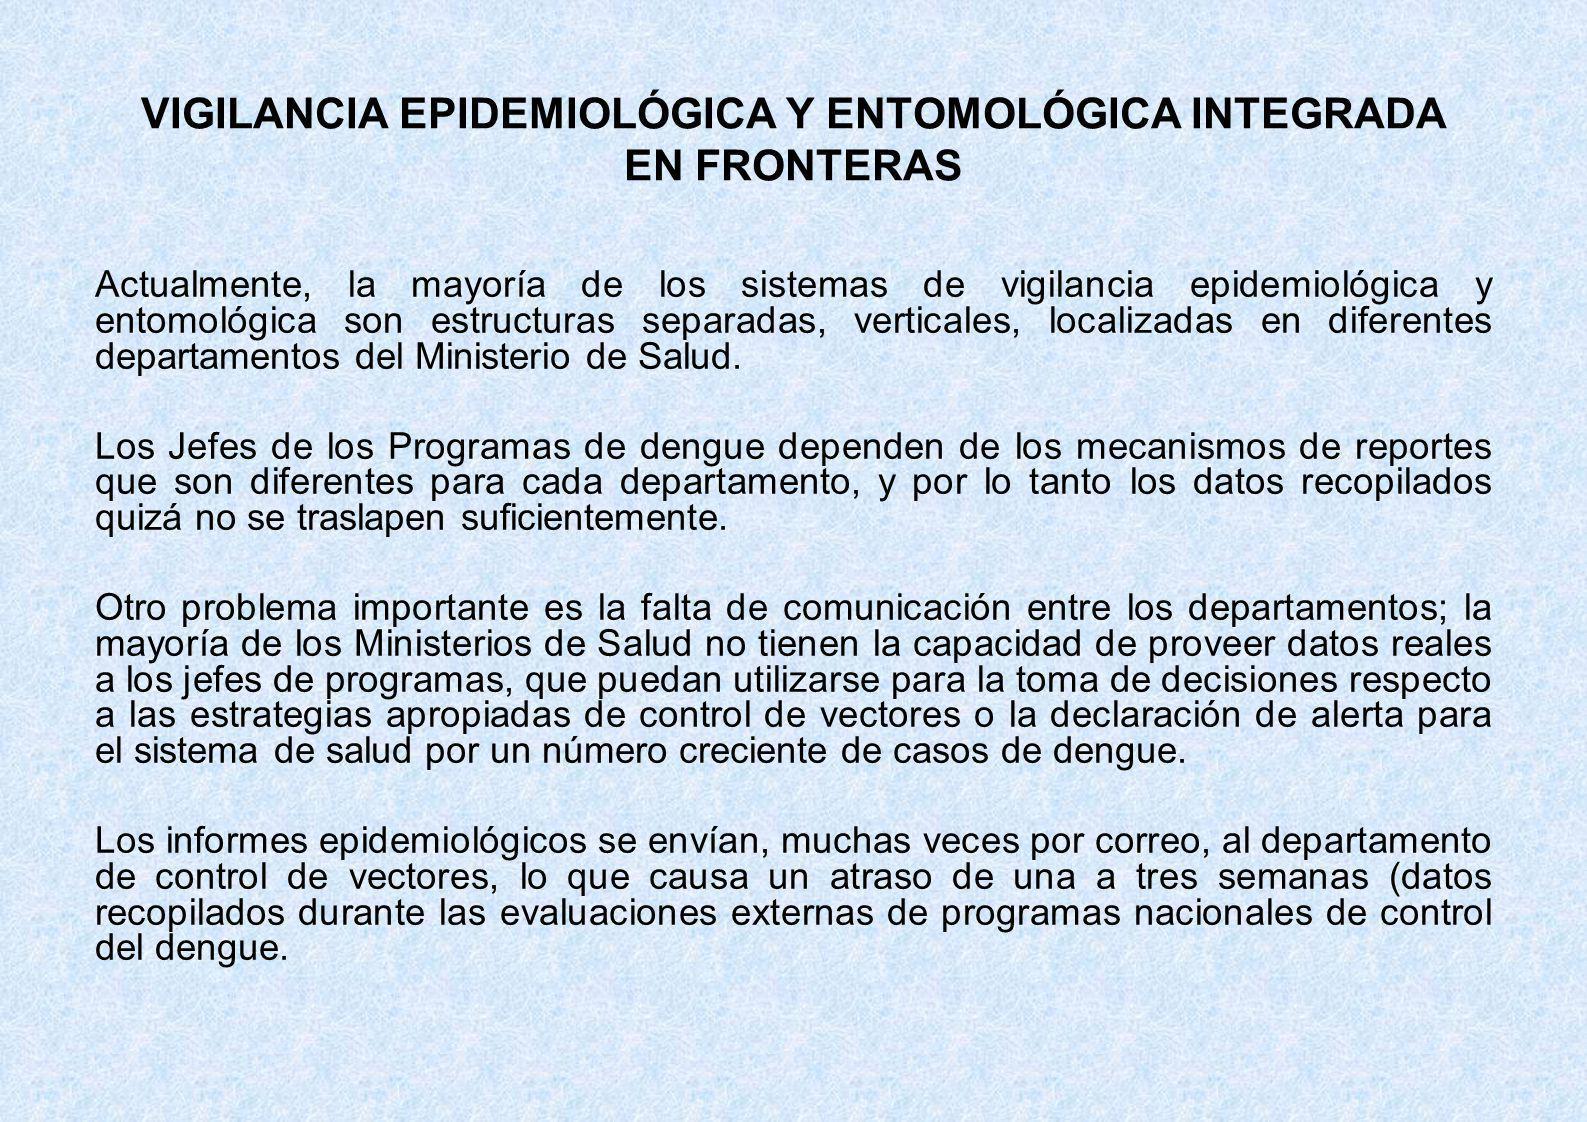 VIGILANCIA EPIDEMIOLÓGICA Y ENTOMOLÓGICA INTEGRADA EN FRONTERAS Actualmente, la mayoría de los sistemas de vigilancia epidemiológica y entomológica so